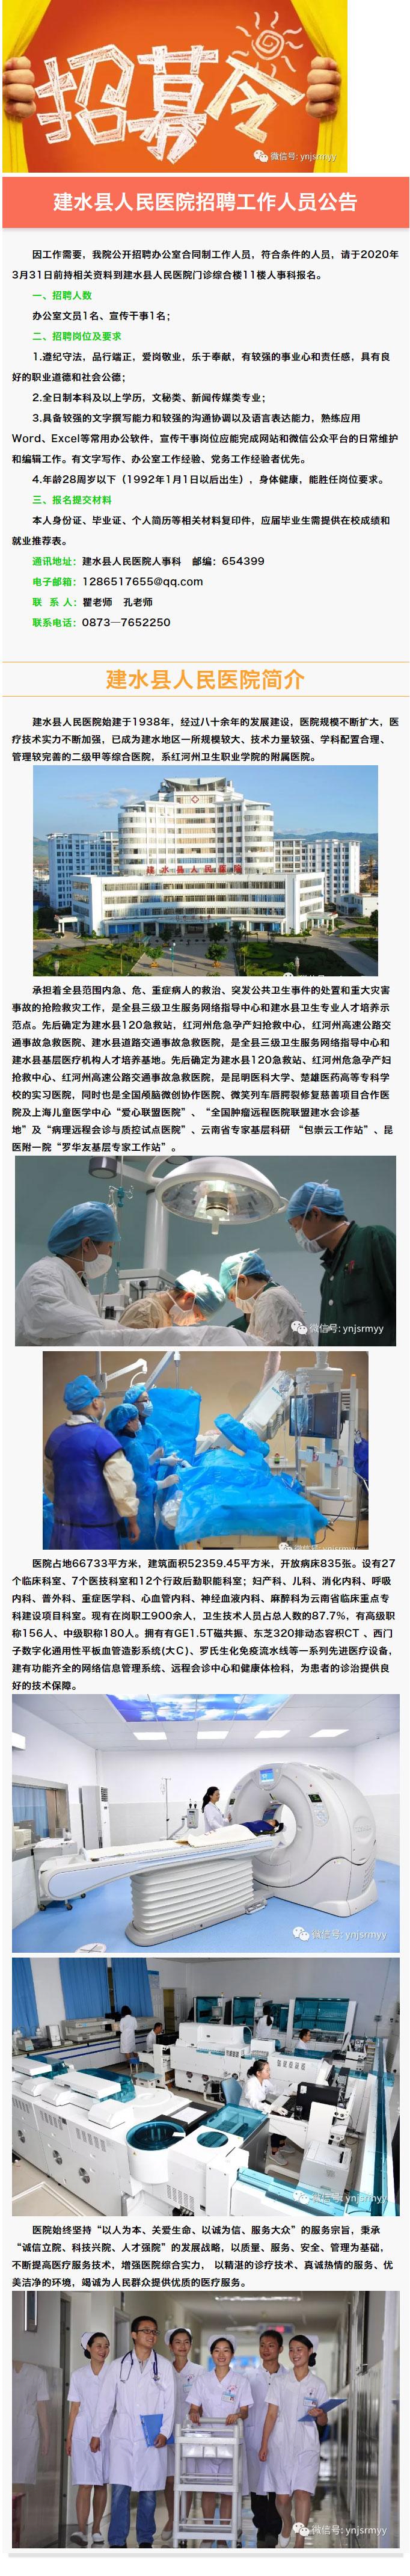 2020年红河州建水县人民医院招聘办公室工作人员公告